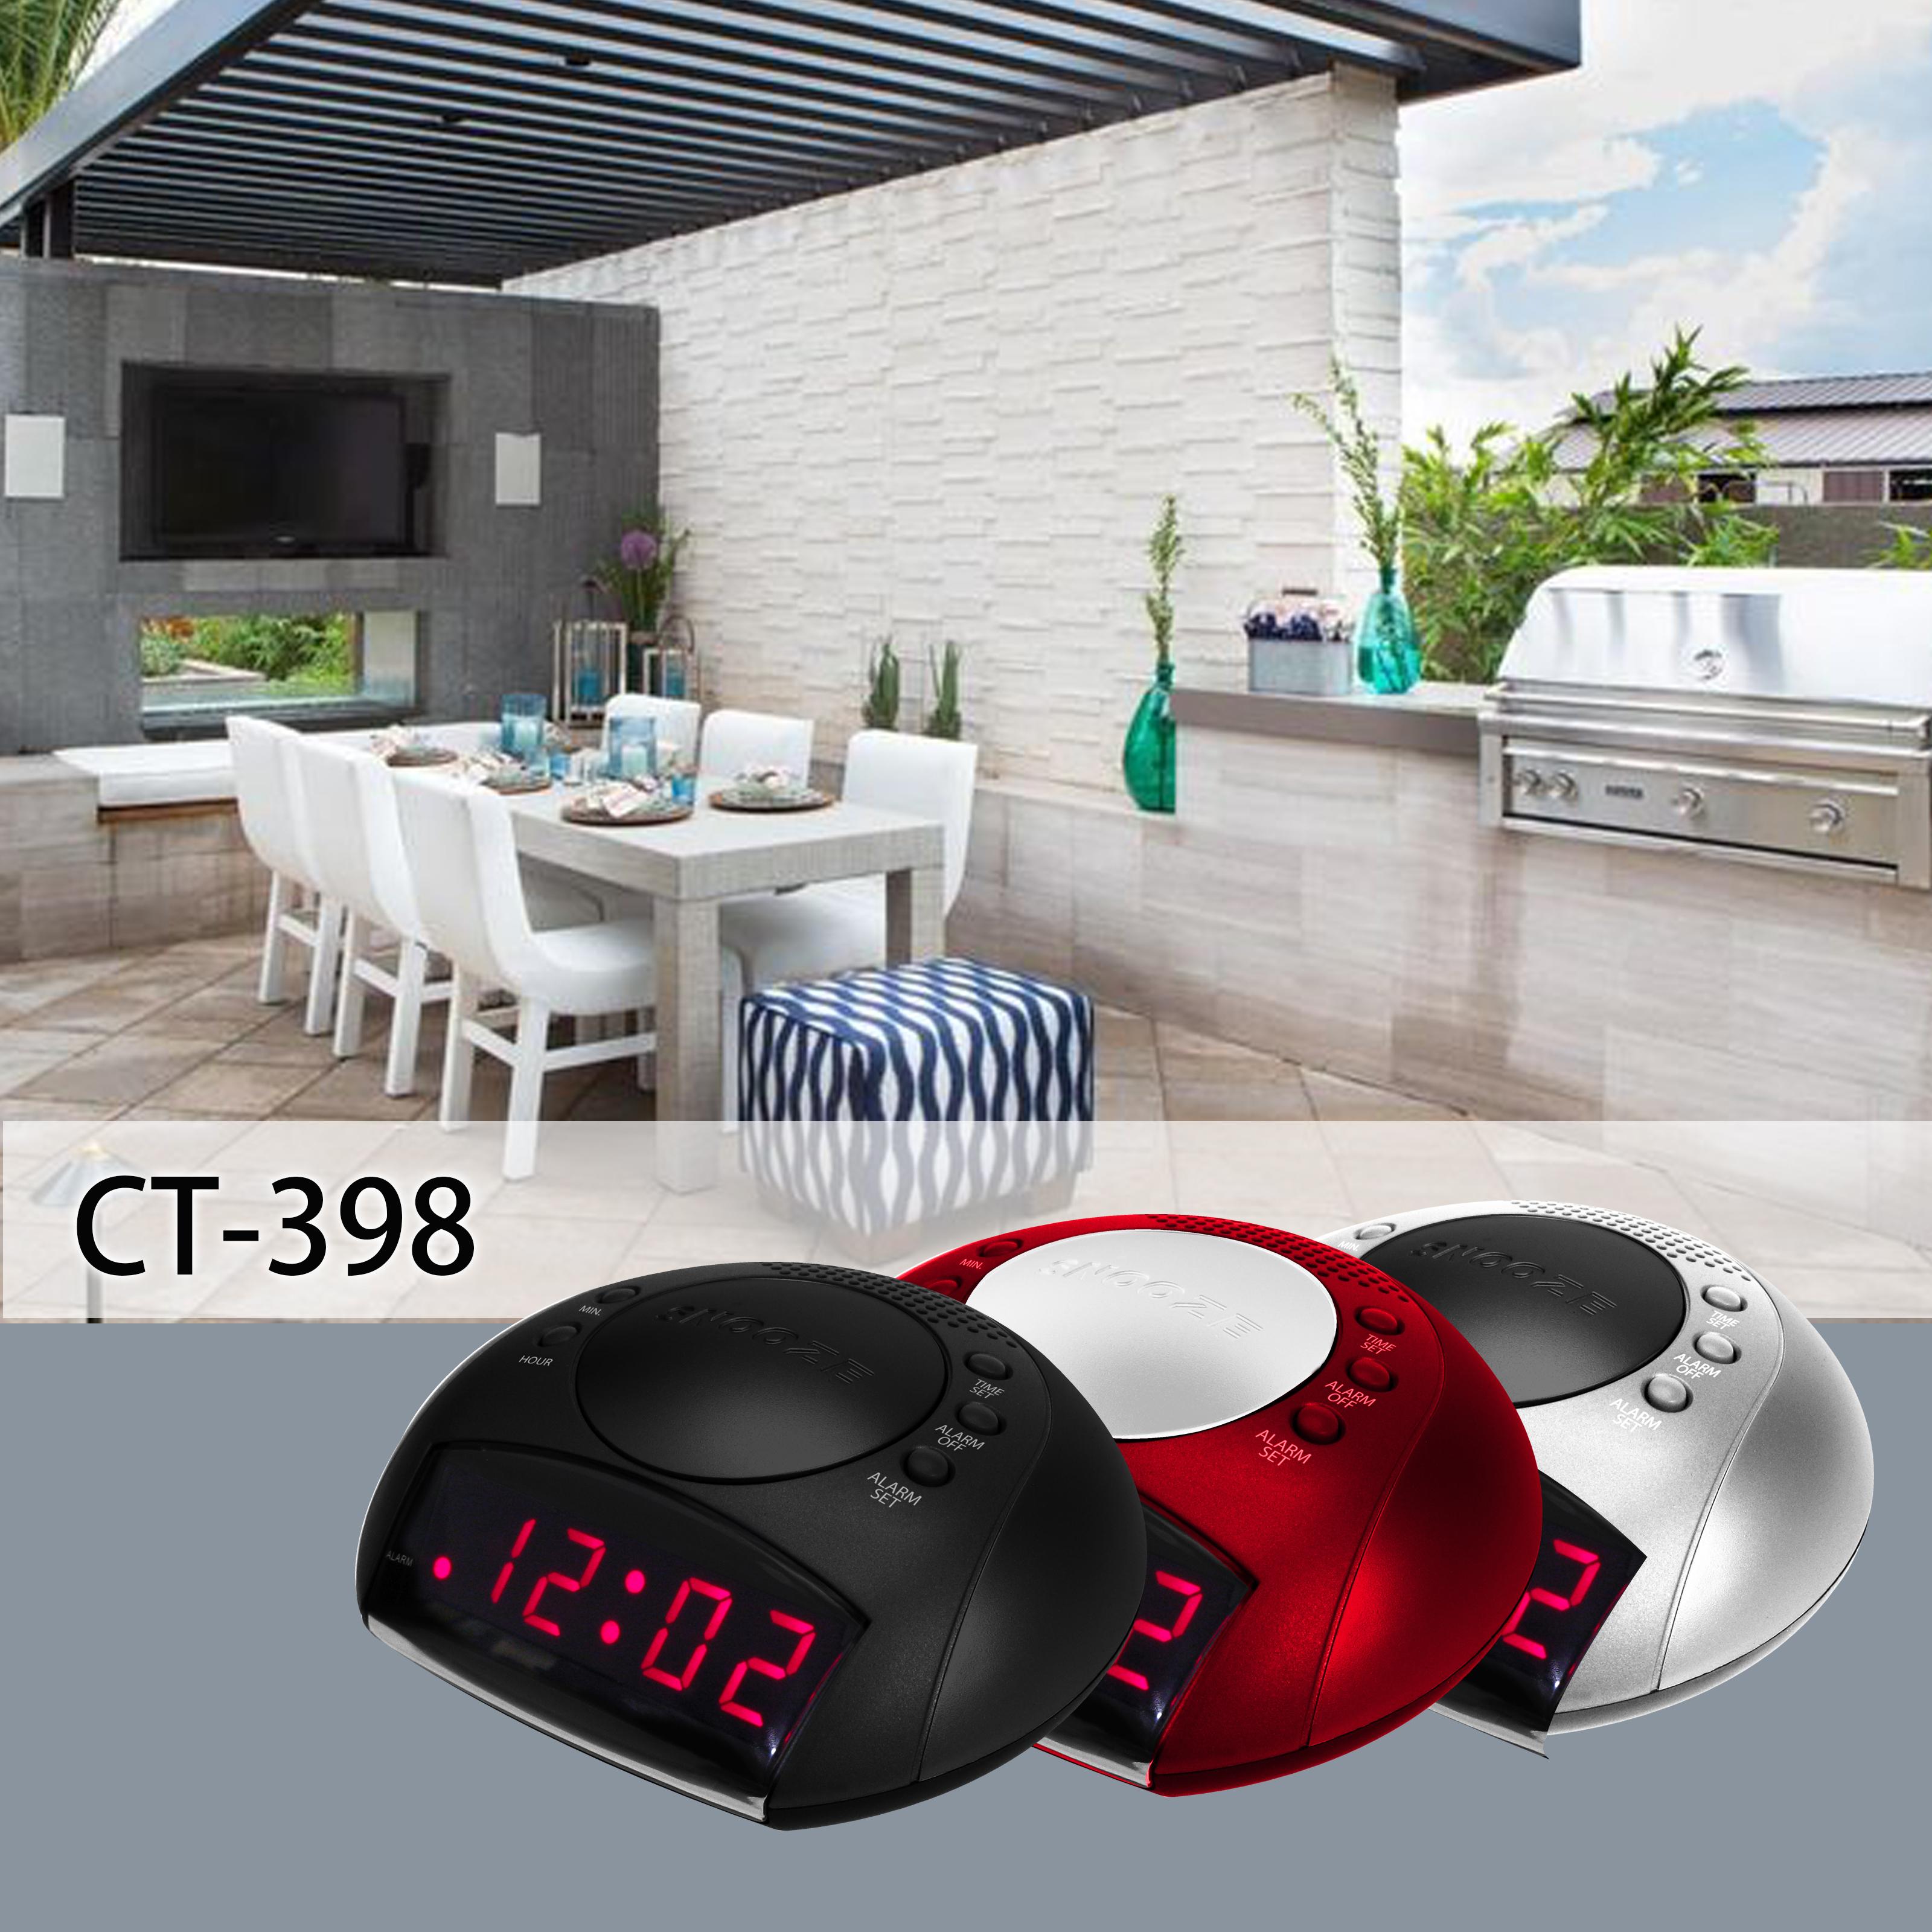 CT-398 garden cooking .jpg